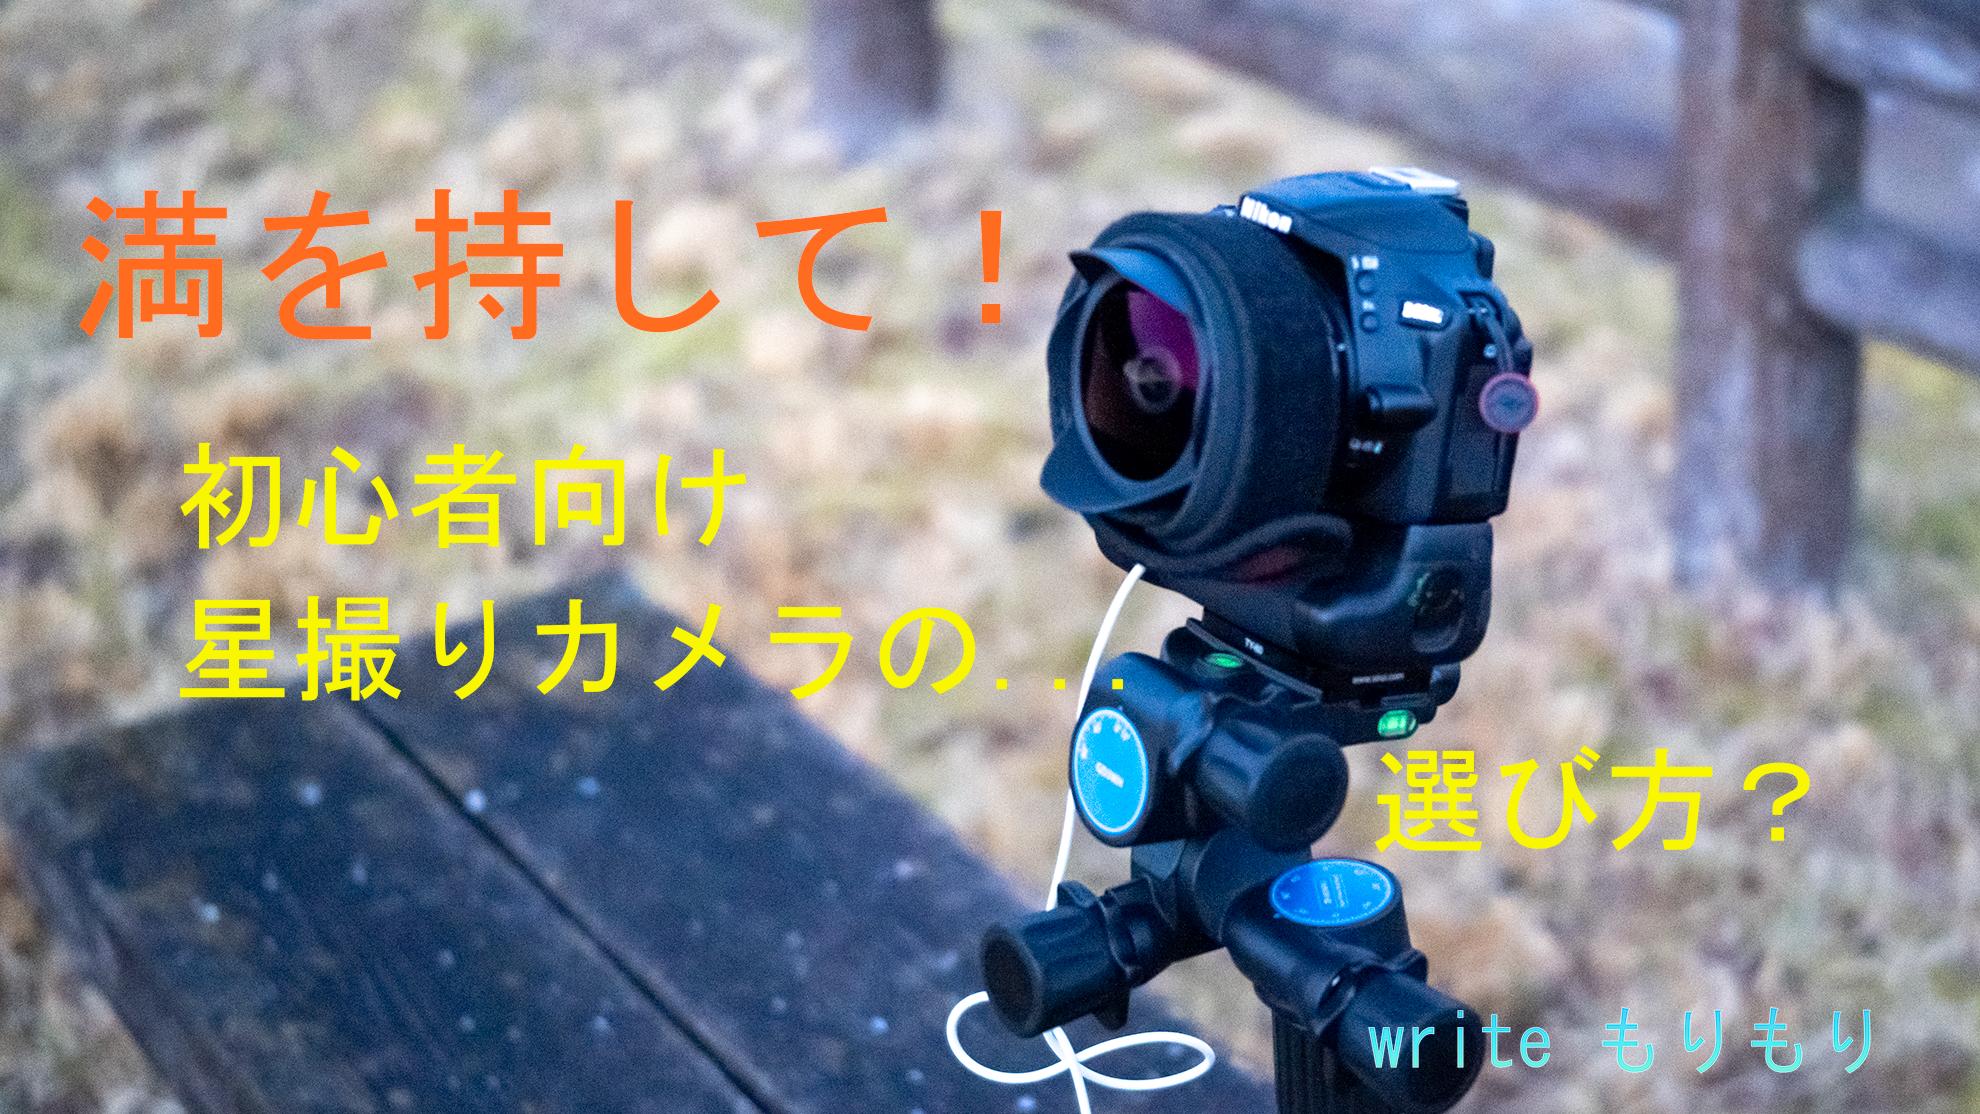 満を持して!初心者向け星撮りカメラの...選び方?(✍もりもり)